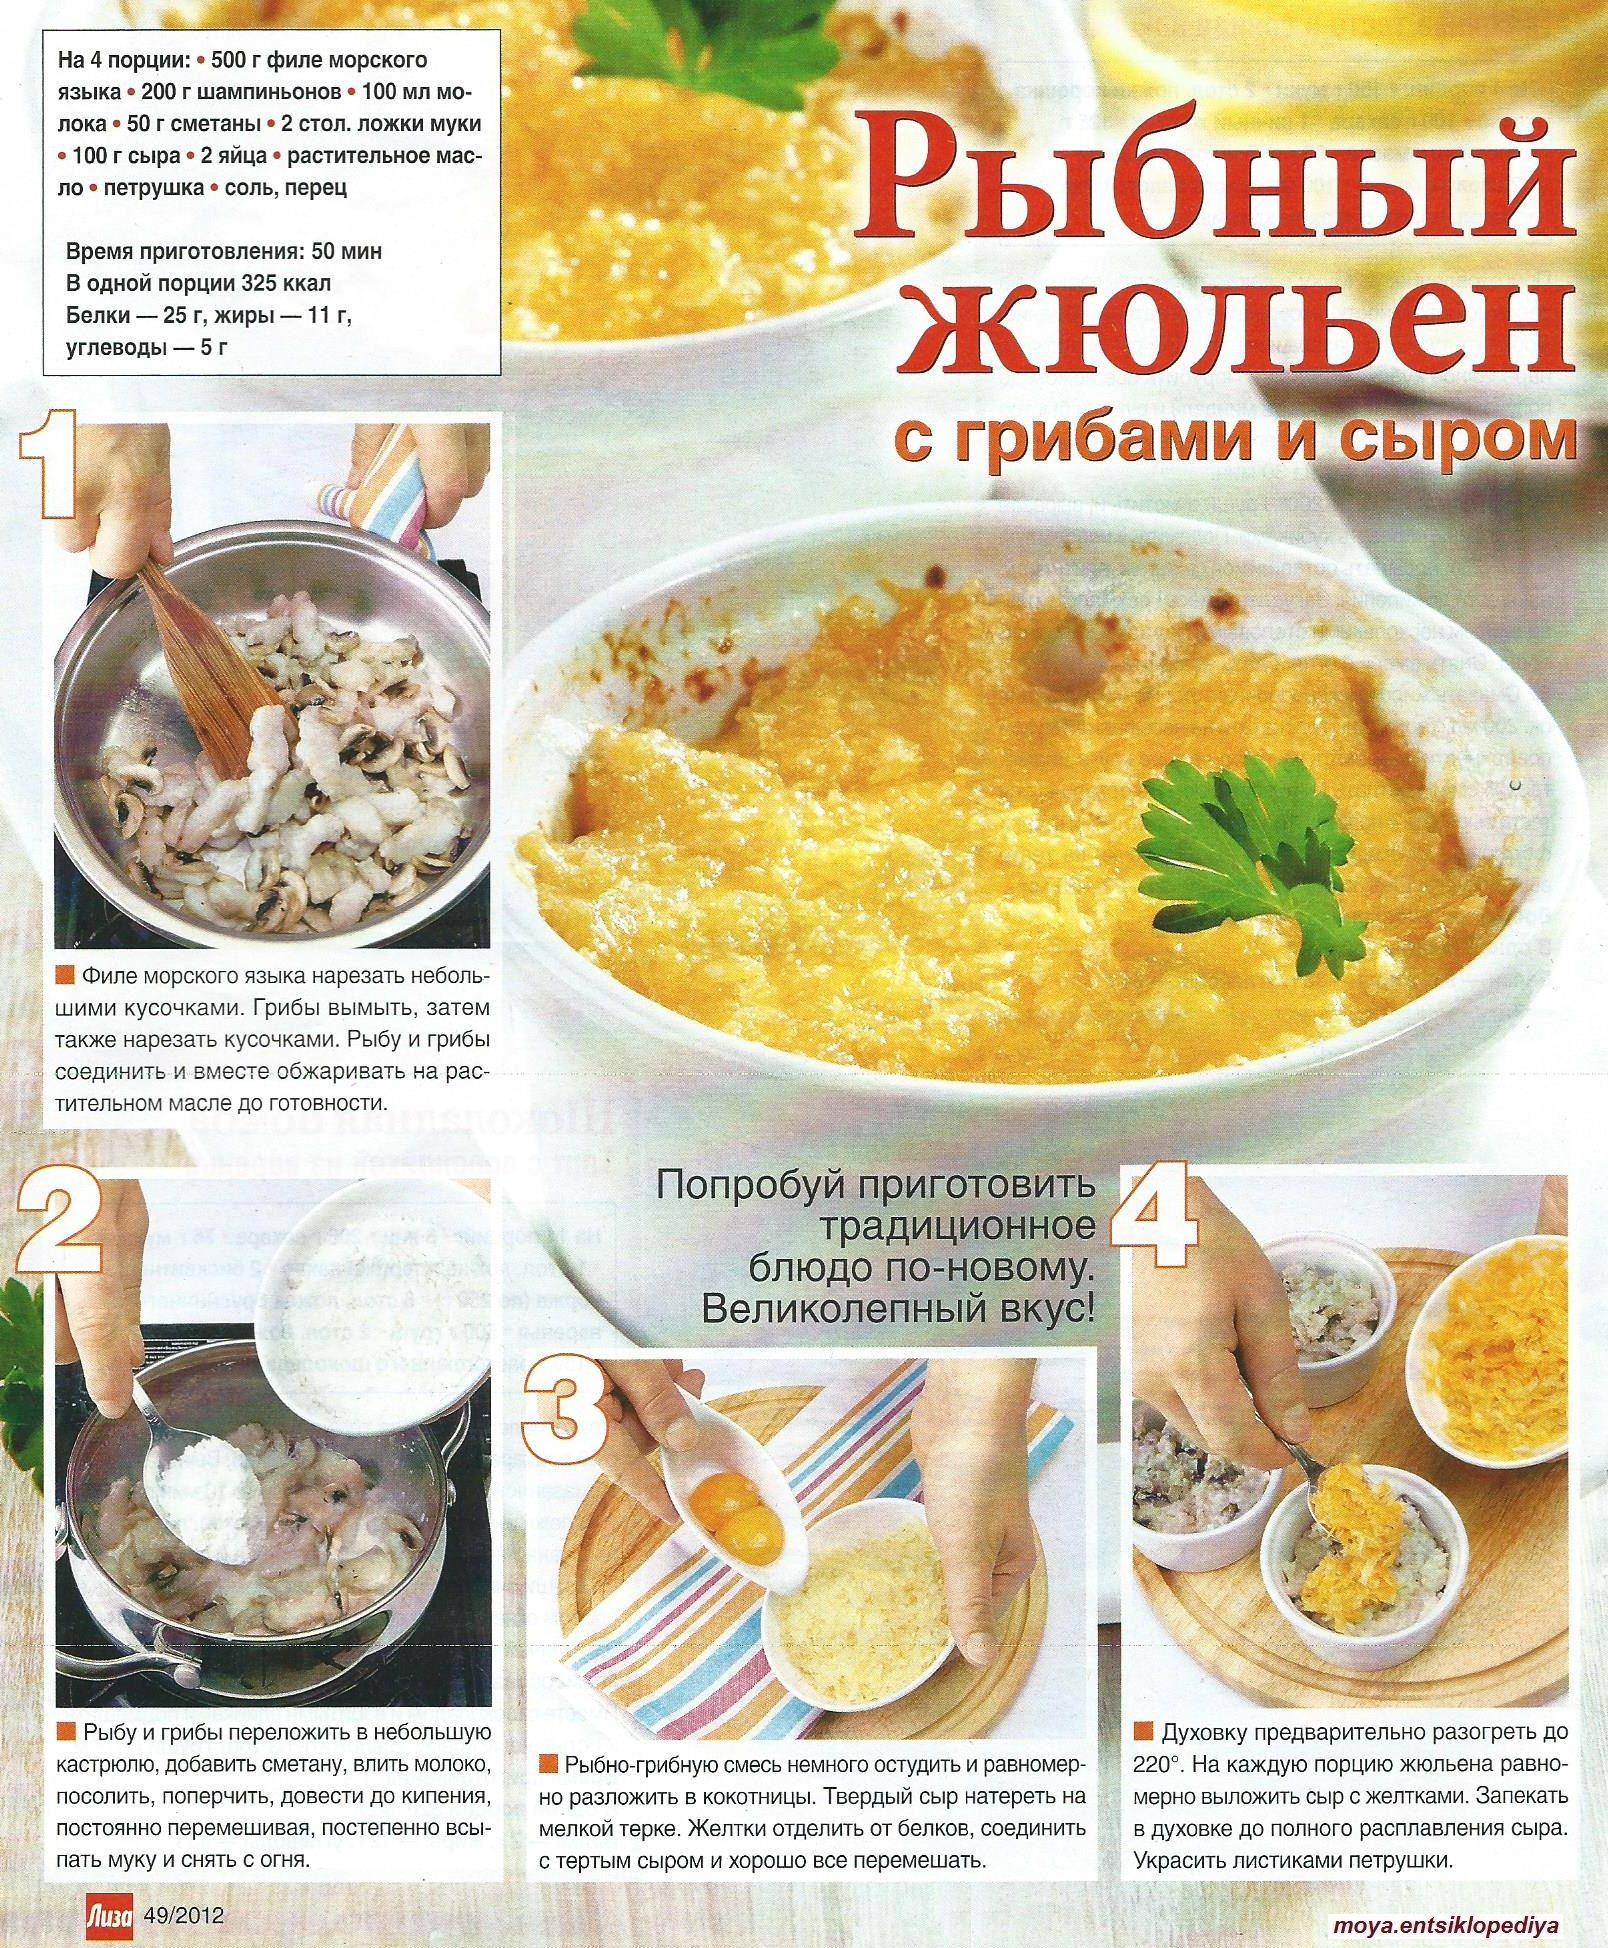 жульен рыбный рецепт с фото